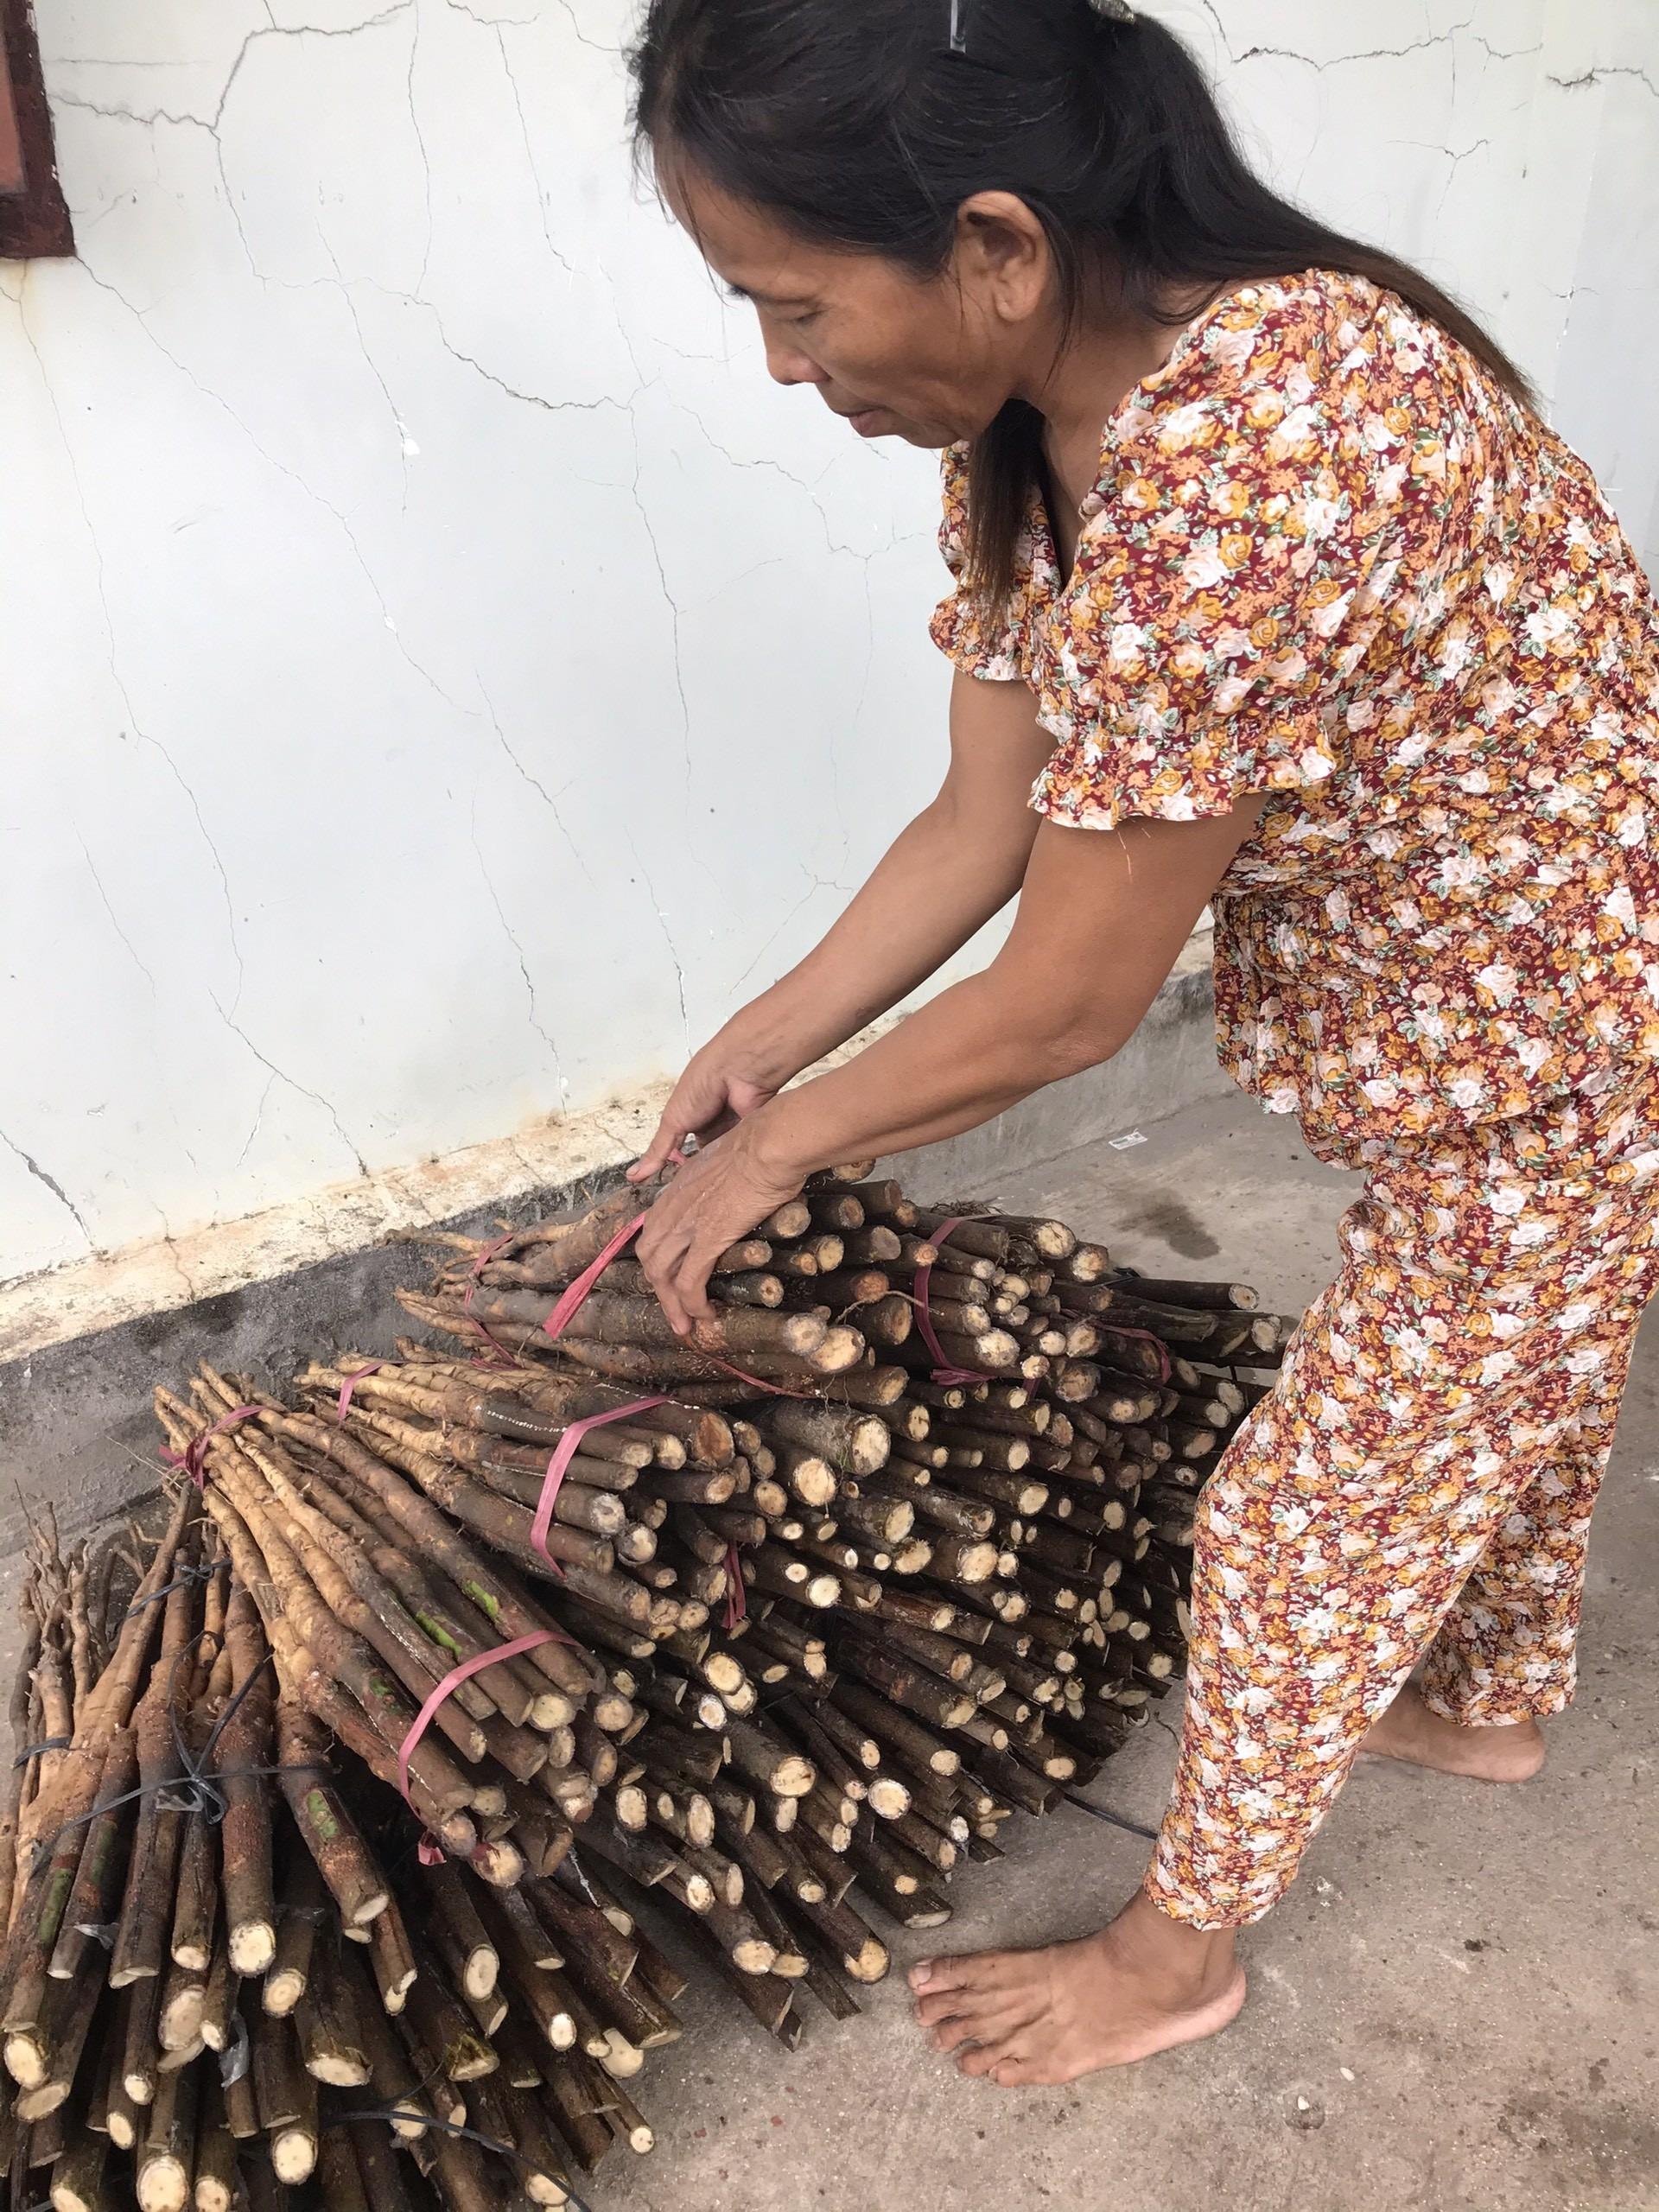 Chuẩn bị hơn 500 stump trần giao cho khách ở Lâm Đồng